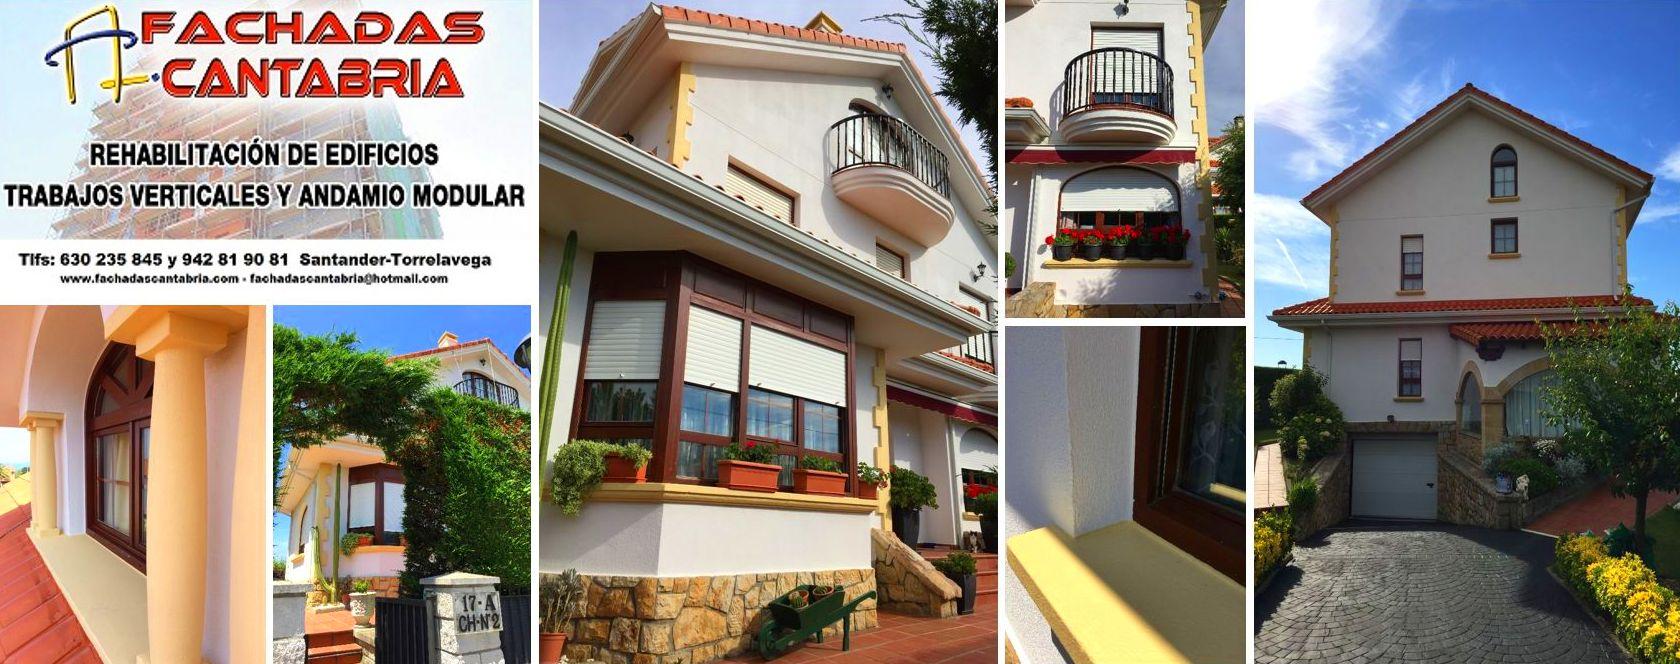 Aislamiento de corcho para fachadas en Santander.